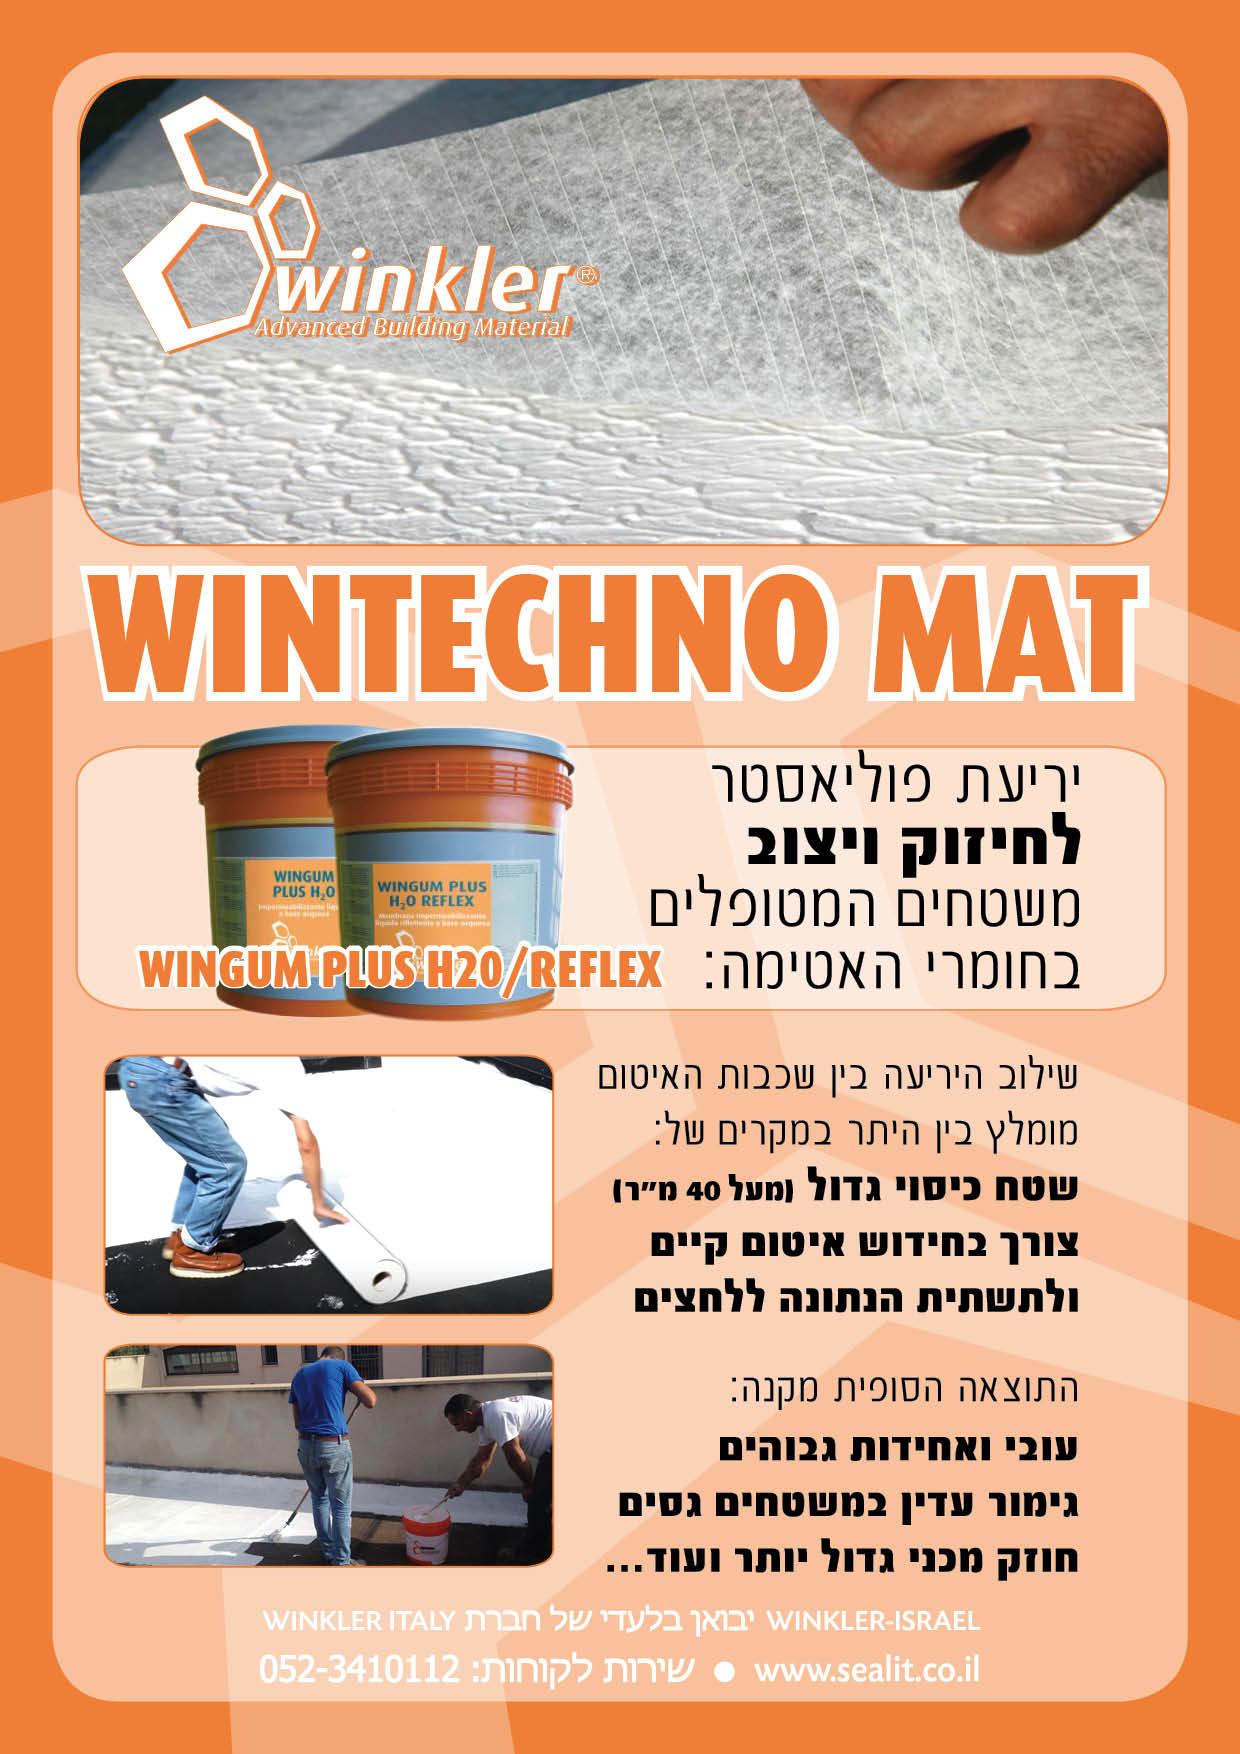 flyer-wintechno-mat